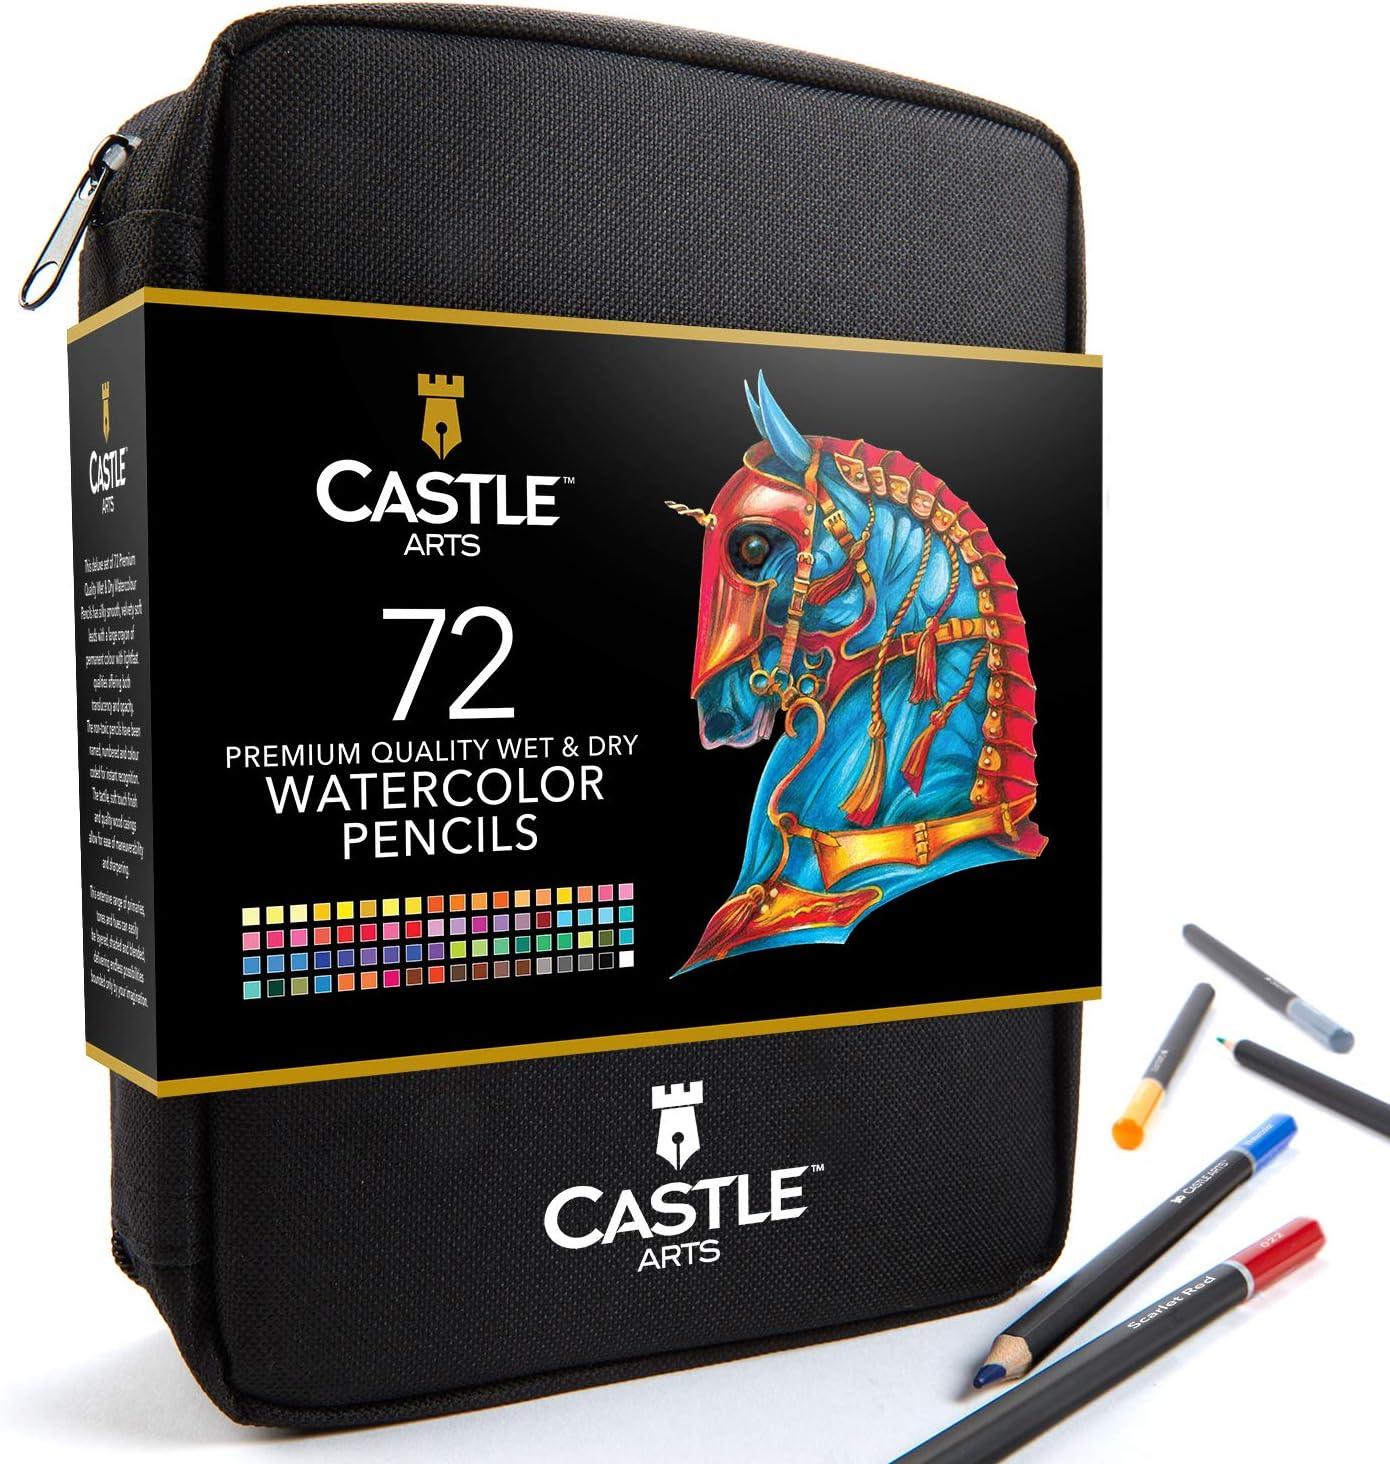 Castle Arts - Juego de 72 lápices de acuarela en estuche con cremallera para obtener grandes resultados, colores vivos de alta calidad con colores vivos para crear hermosos efectos mezclados con agua.: